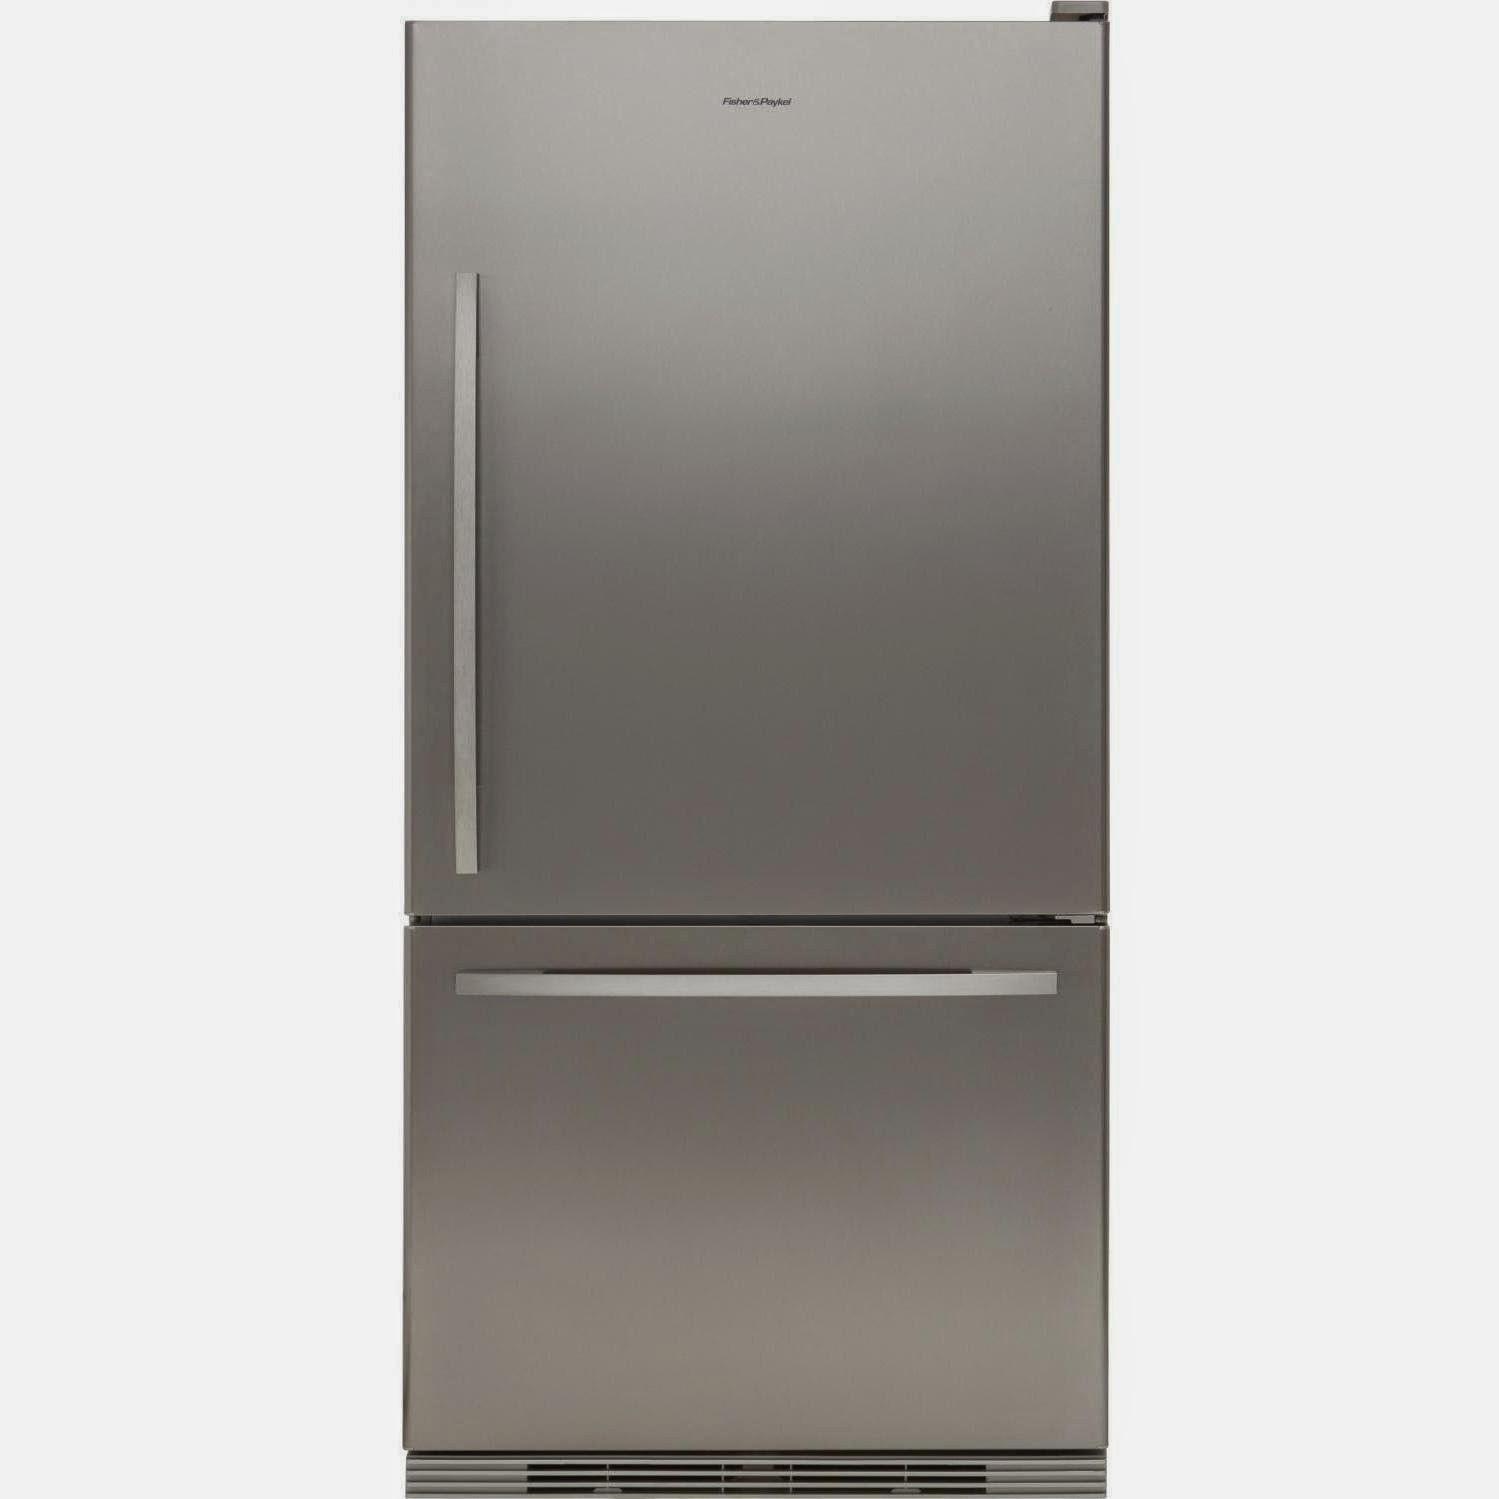 best buy refrigerators on sale best buy counter depth refrigerators